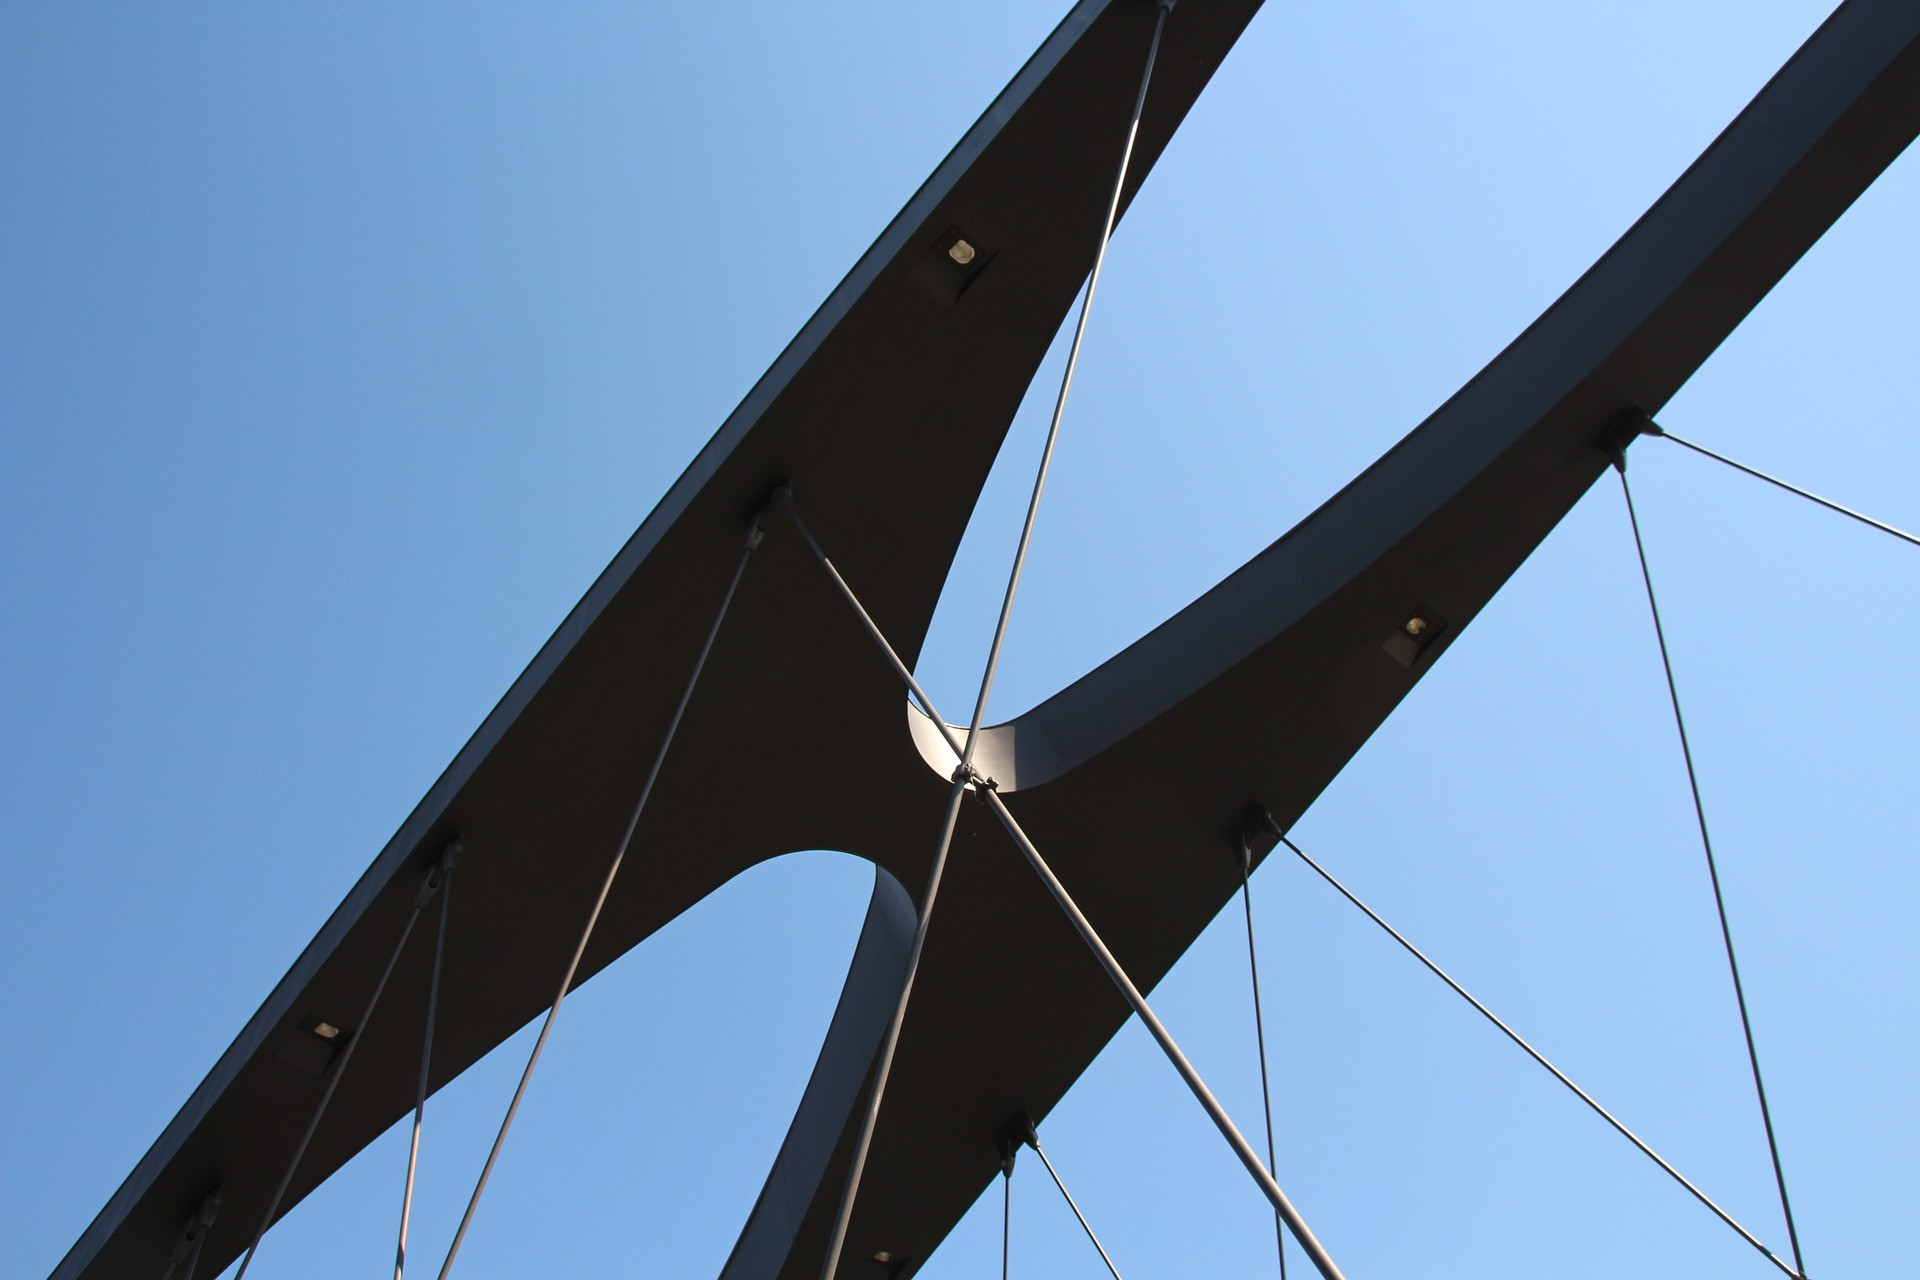 Bridge Attachment